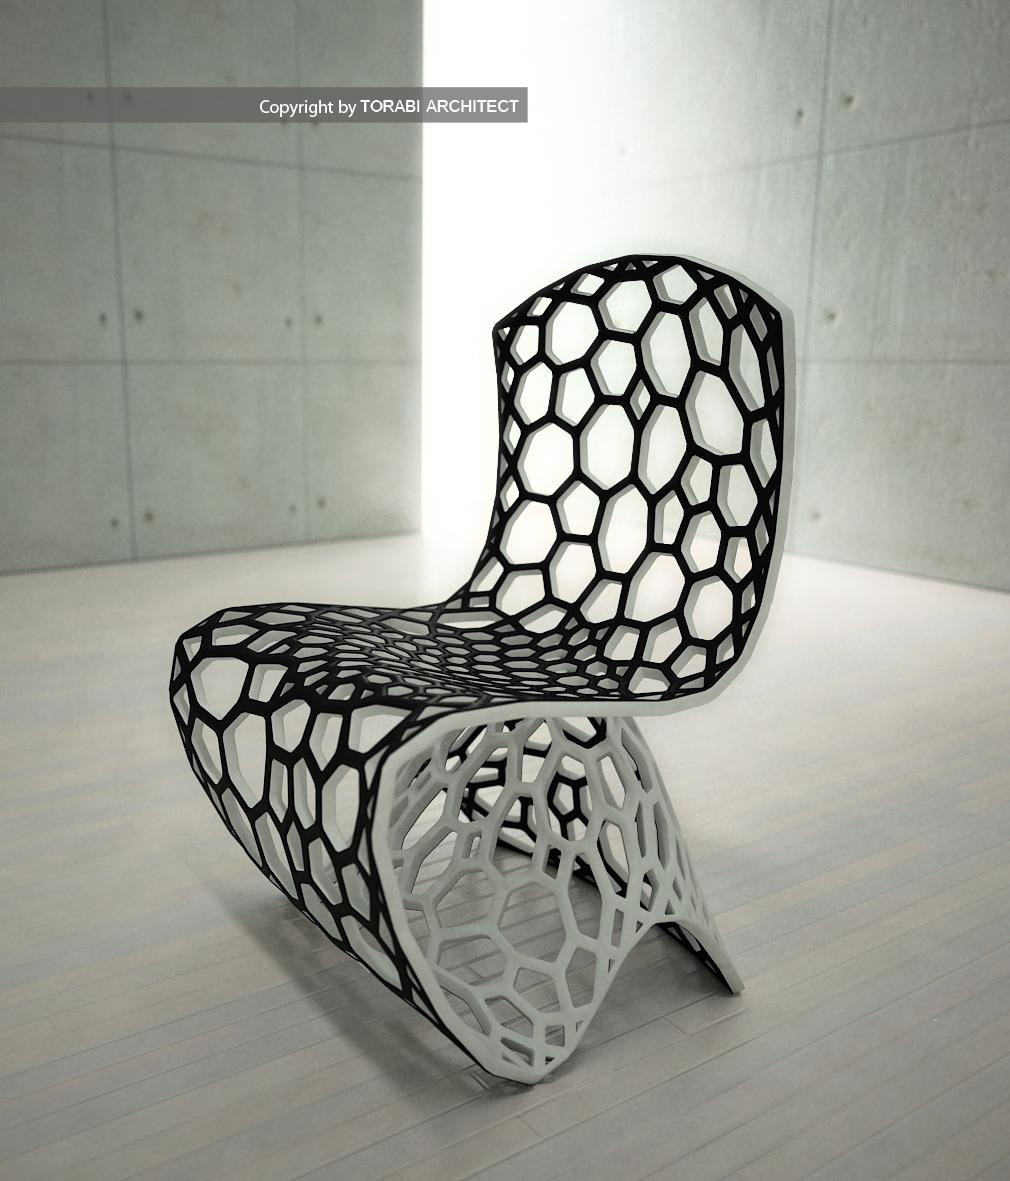 Voronoi chair